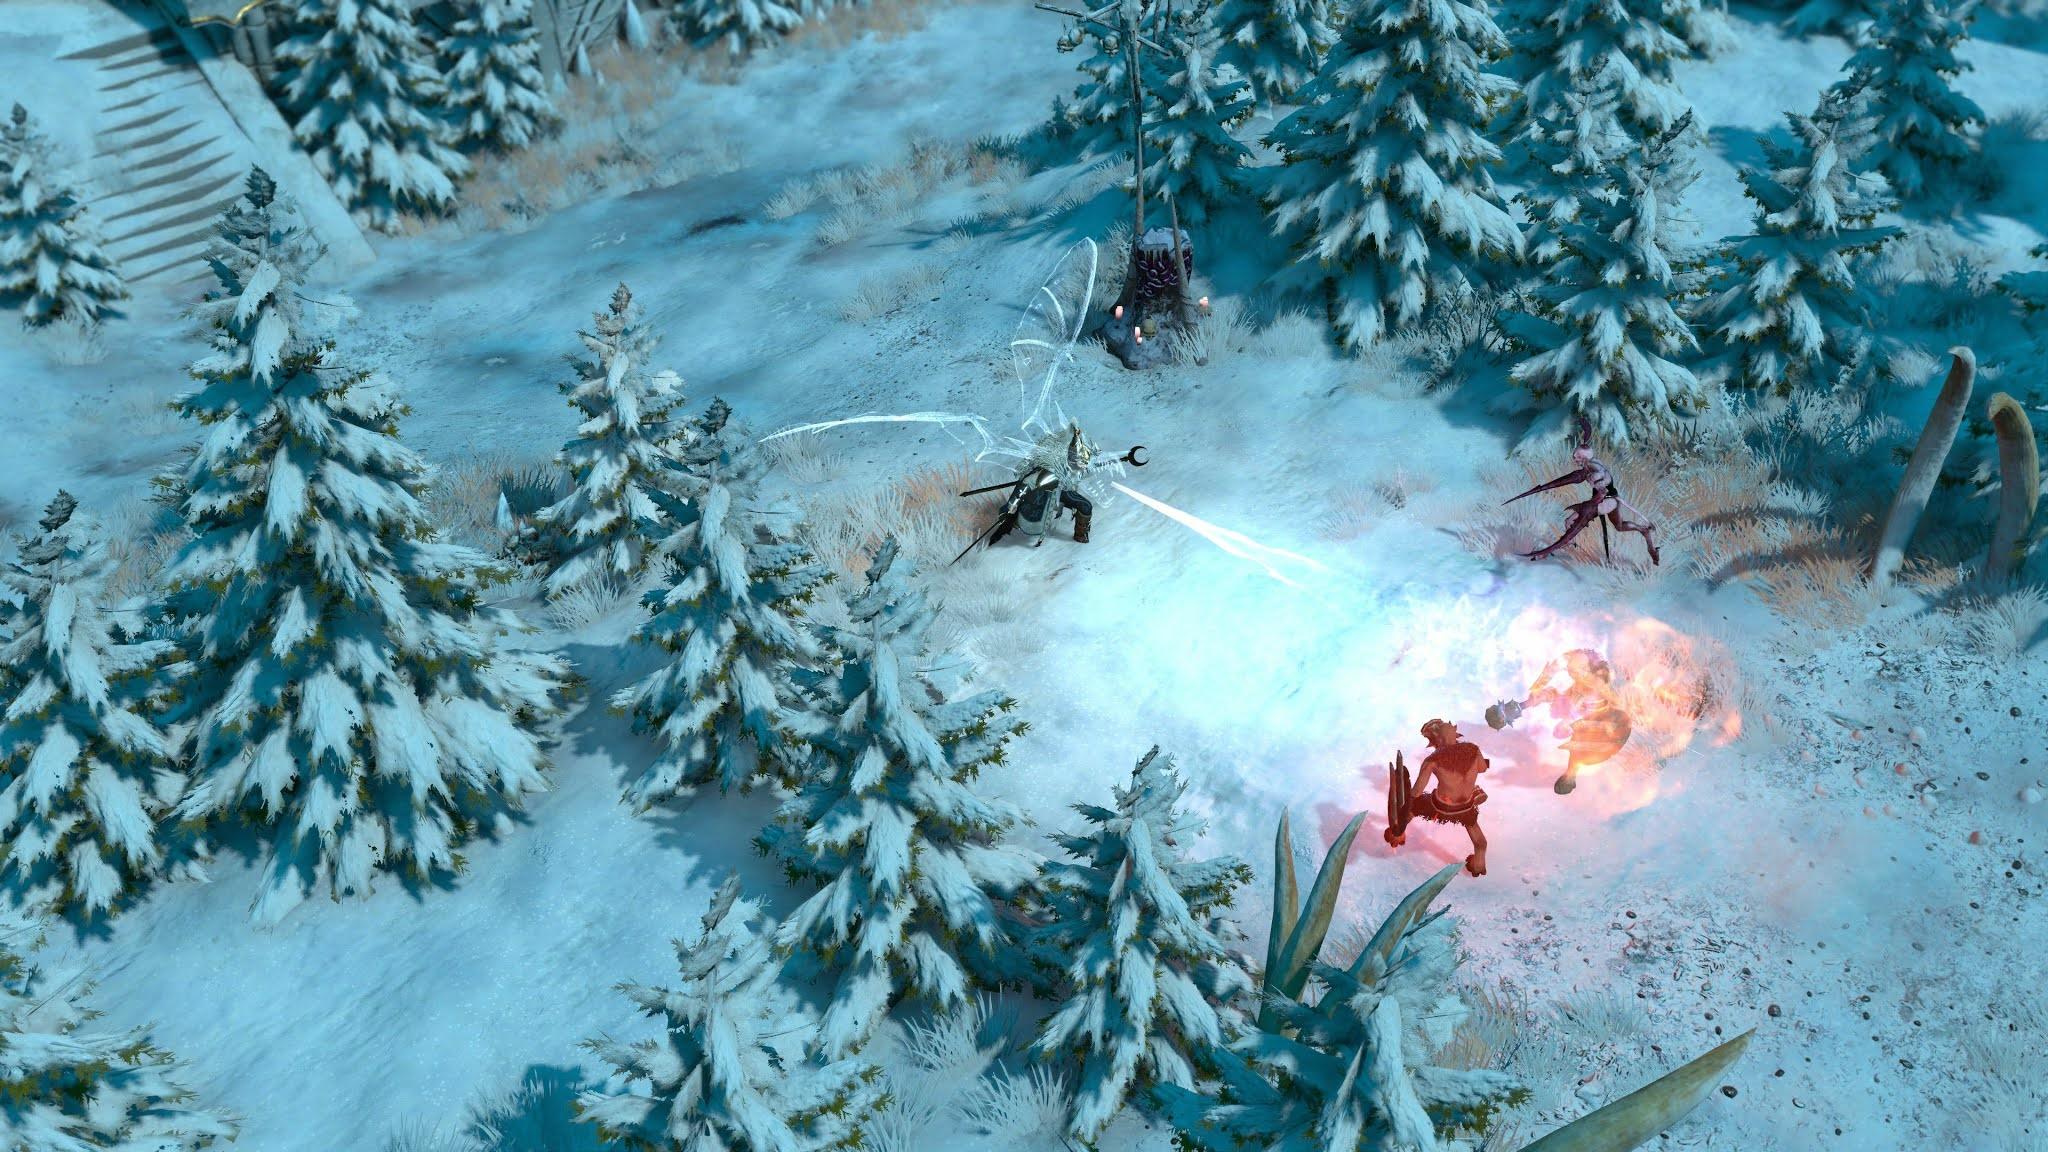 warhammer-chaosbane-slayer-edition-pc-screenshot-01